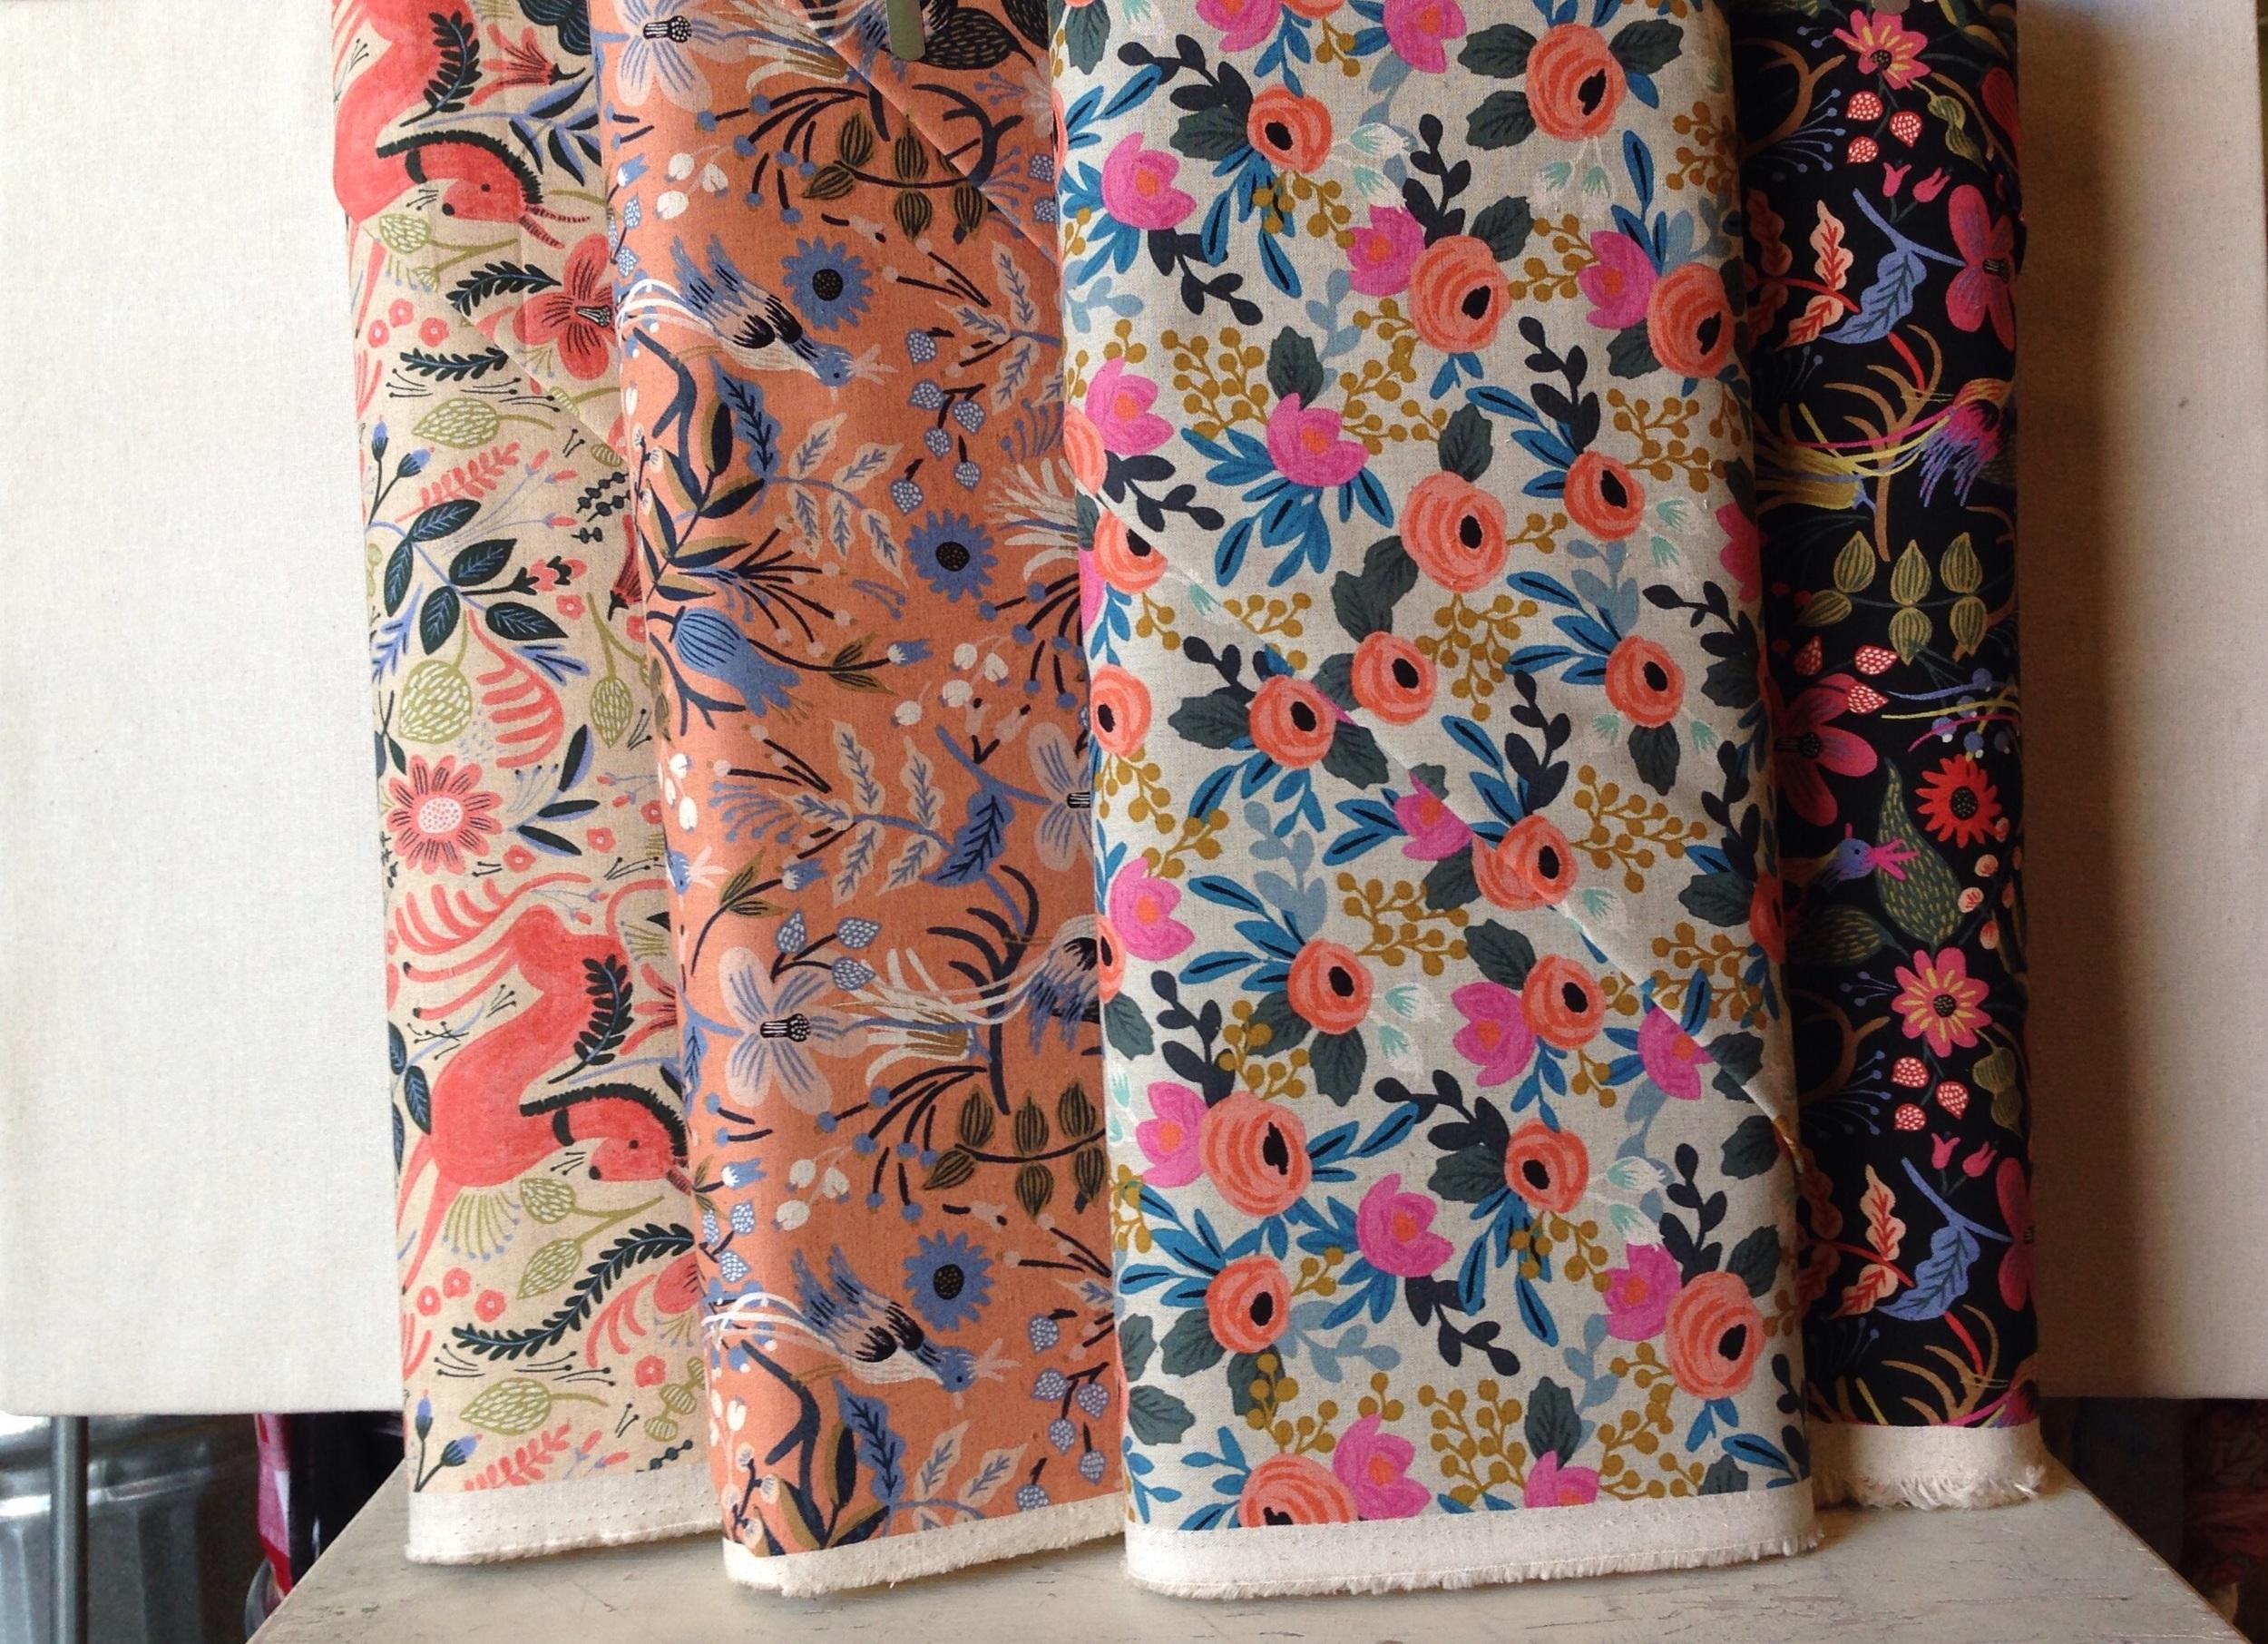 Les Fleurs by Rifle Paper Co./Cotton+Steel